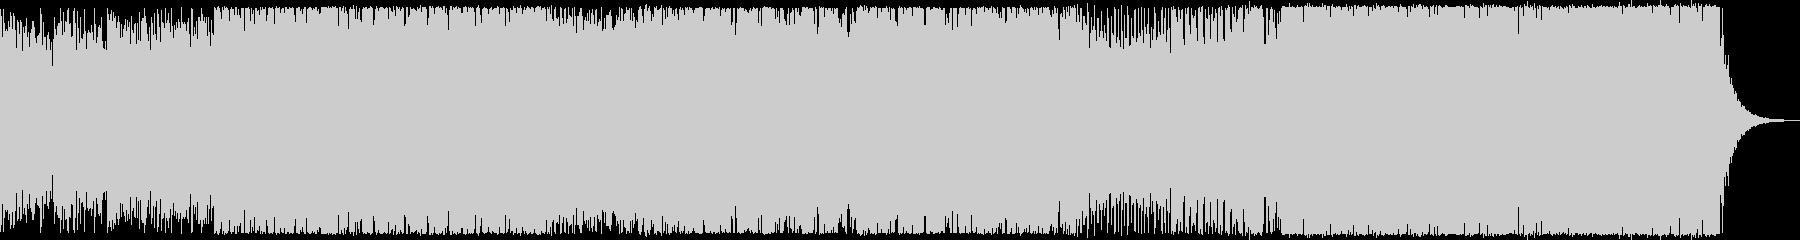 勢いのあるバトル系EDMの未再生の波形